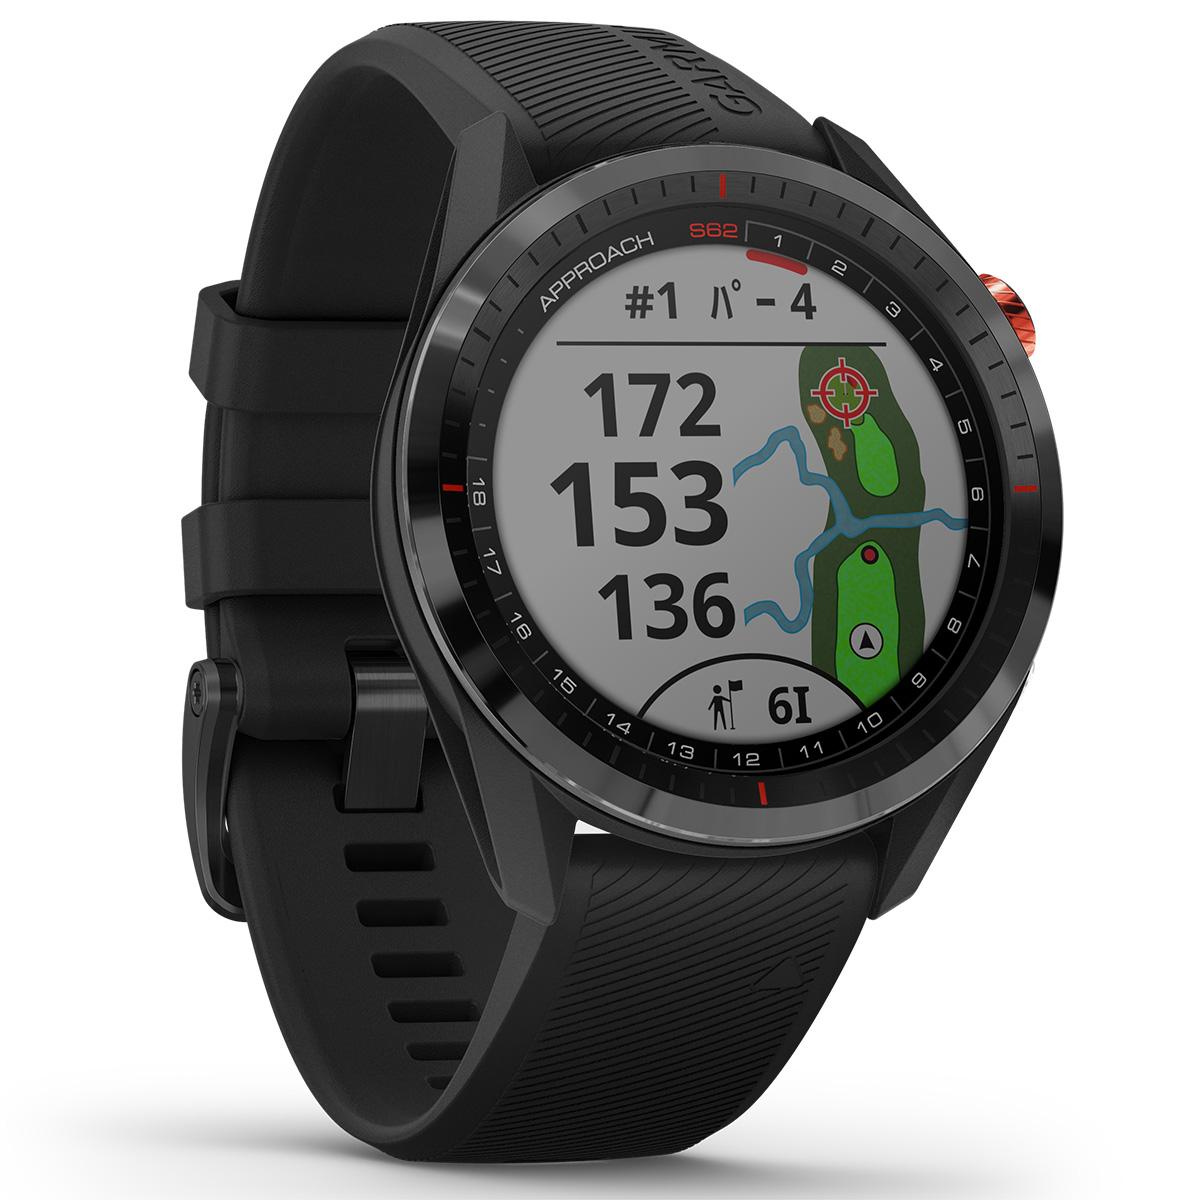 ガーミン GARMIN Approach S62 アプローチ S62 GPS ゴルフウォッチ スマートウォッチ ウェアラブル 腕時計 メンズ レディース ブラック 010-02200-20